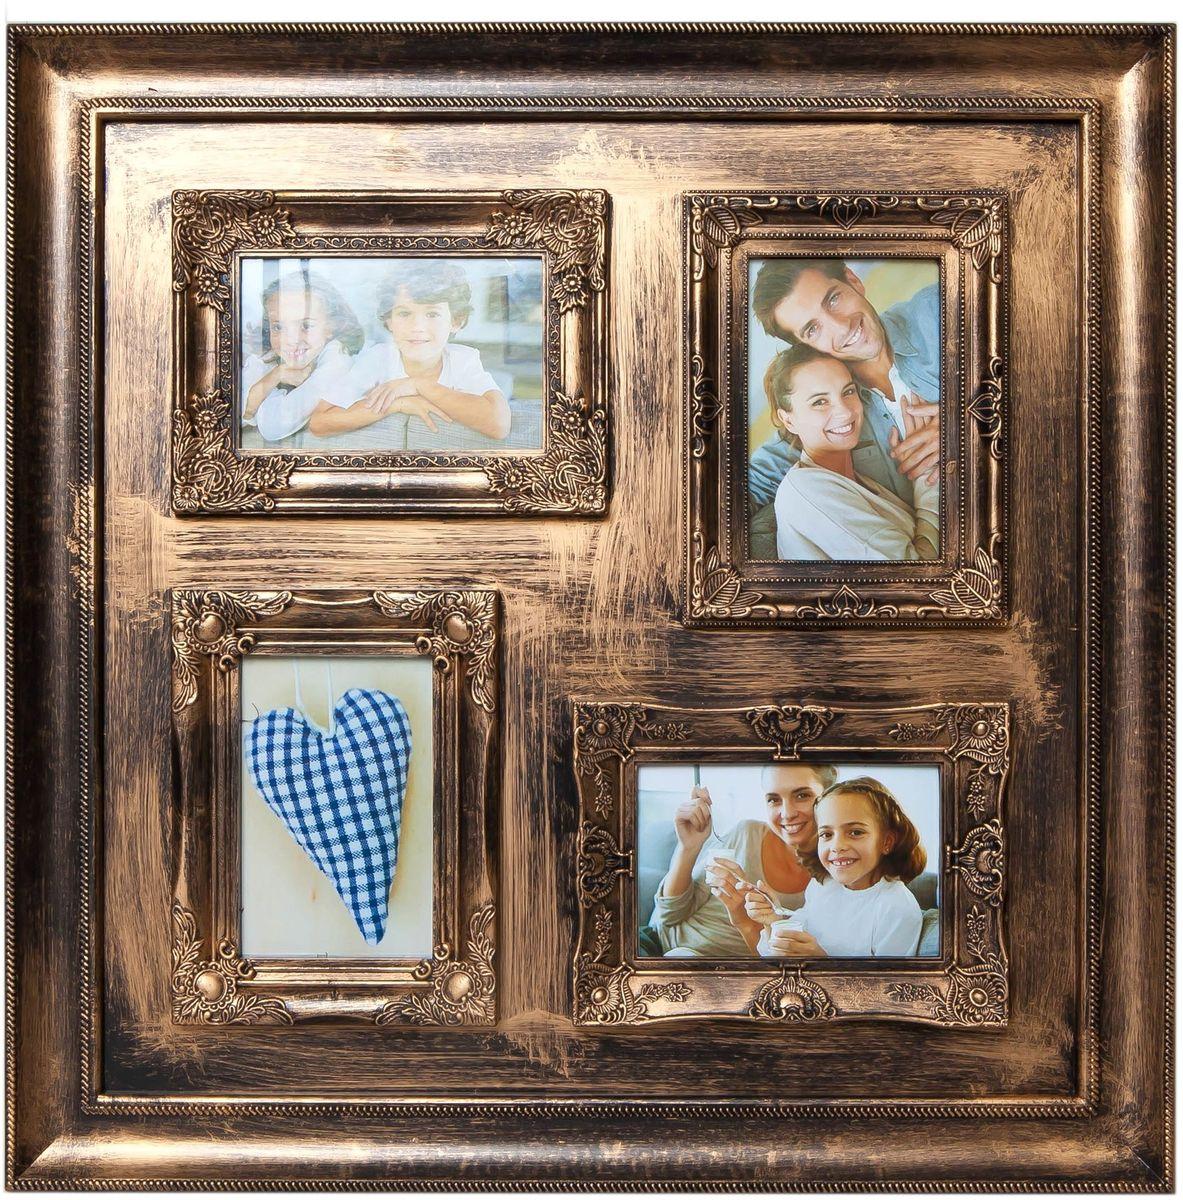 Фоторамка Platinum, цвет: золотистый, на 4 фото 10 х 15 см фотоальбом platinum ландшафт 1 200 фотографий 10 х 15 см цвет зеленый голубой коричневый pp 46200s